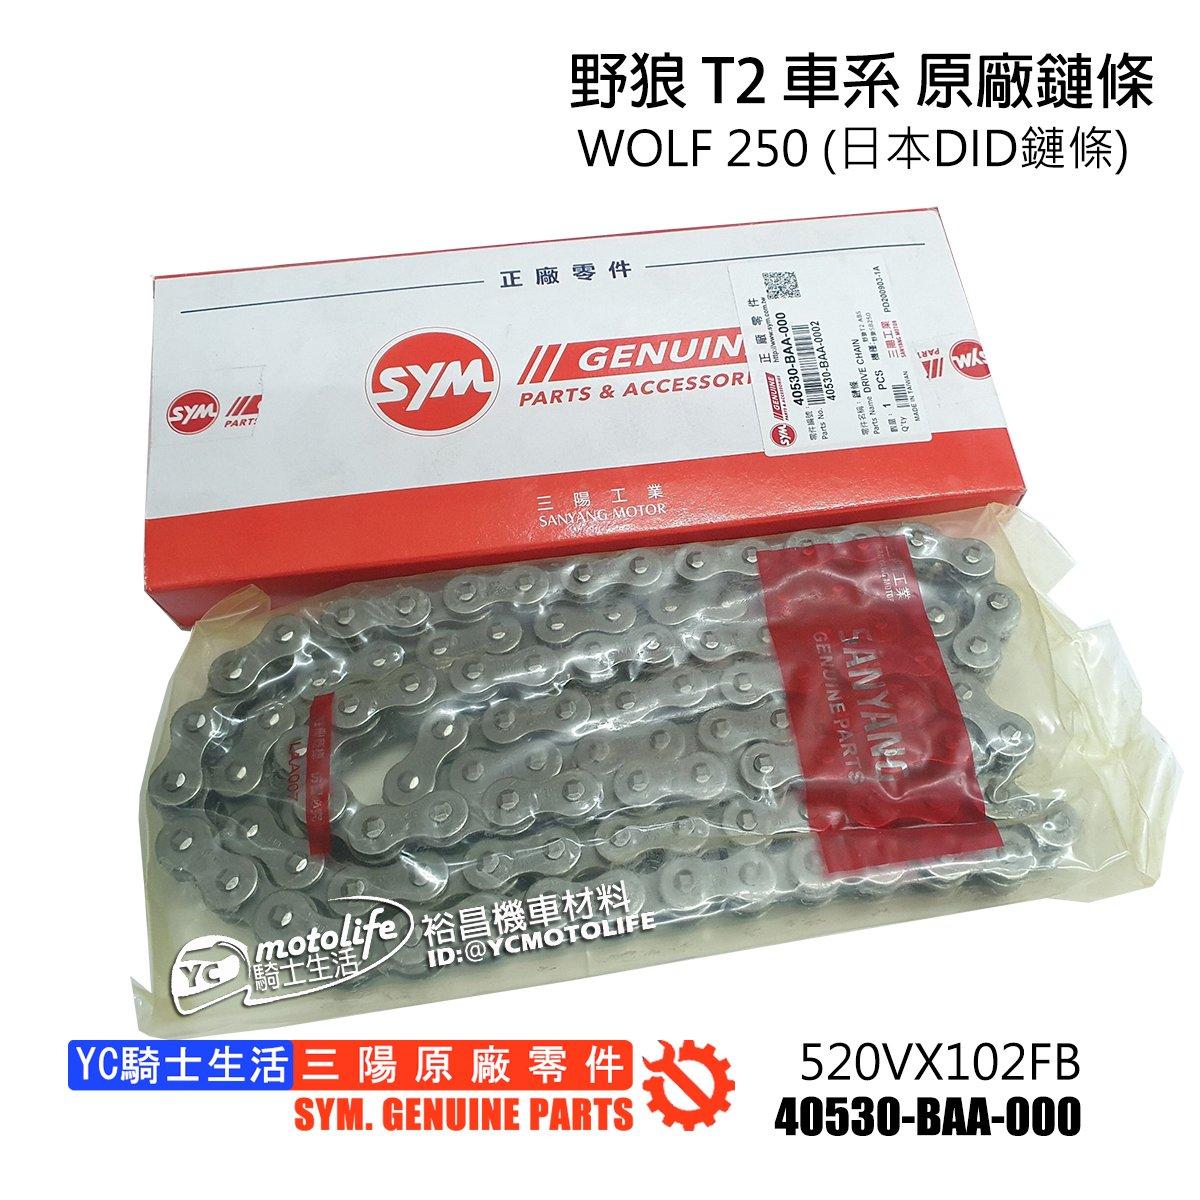 YC騎士生活_SYM三陽原廠 鏈條 野狼 T2 ABS 原廠鏈條 520VX102FB 日本DID鍊條 WOLF 250